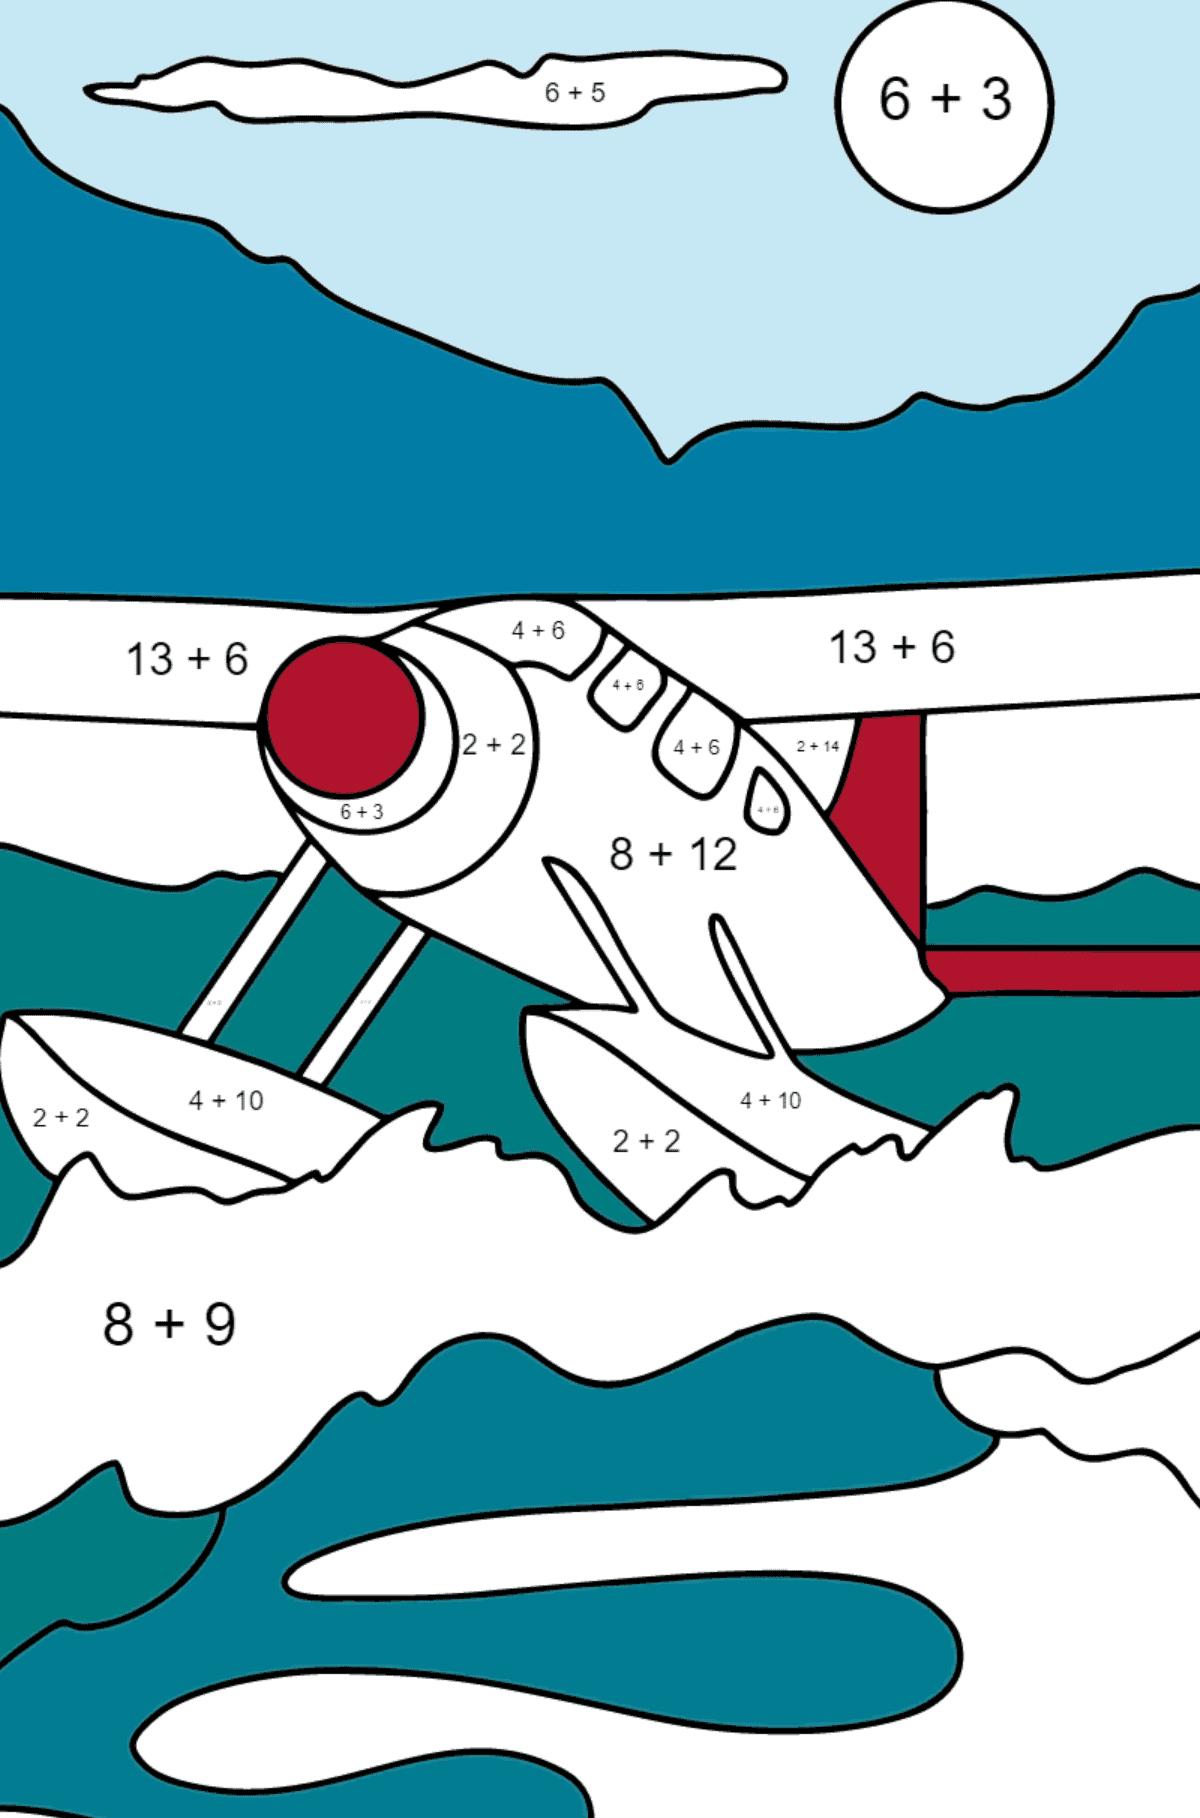 Раскраска гидросамолет - Математическая Раскраска - Сложение для Детей